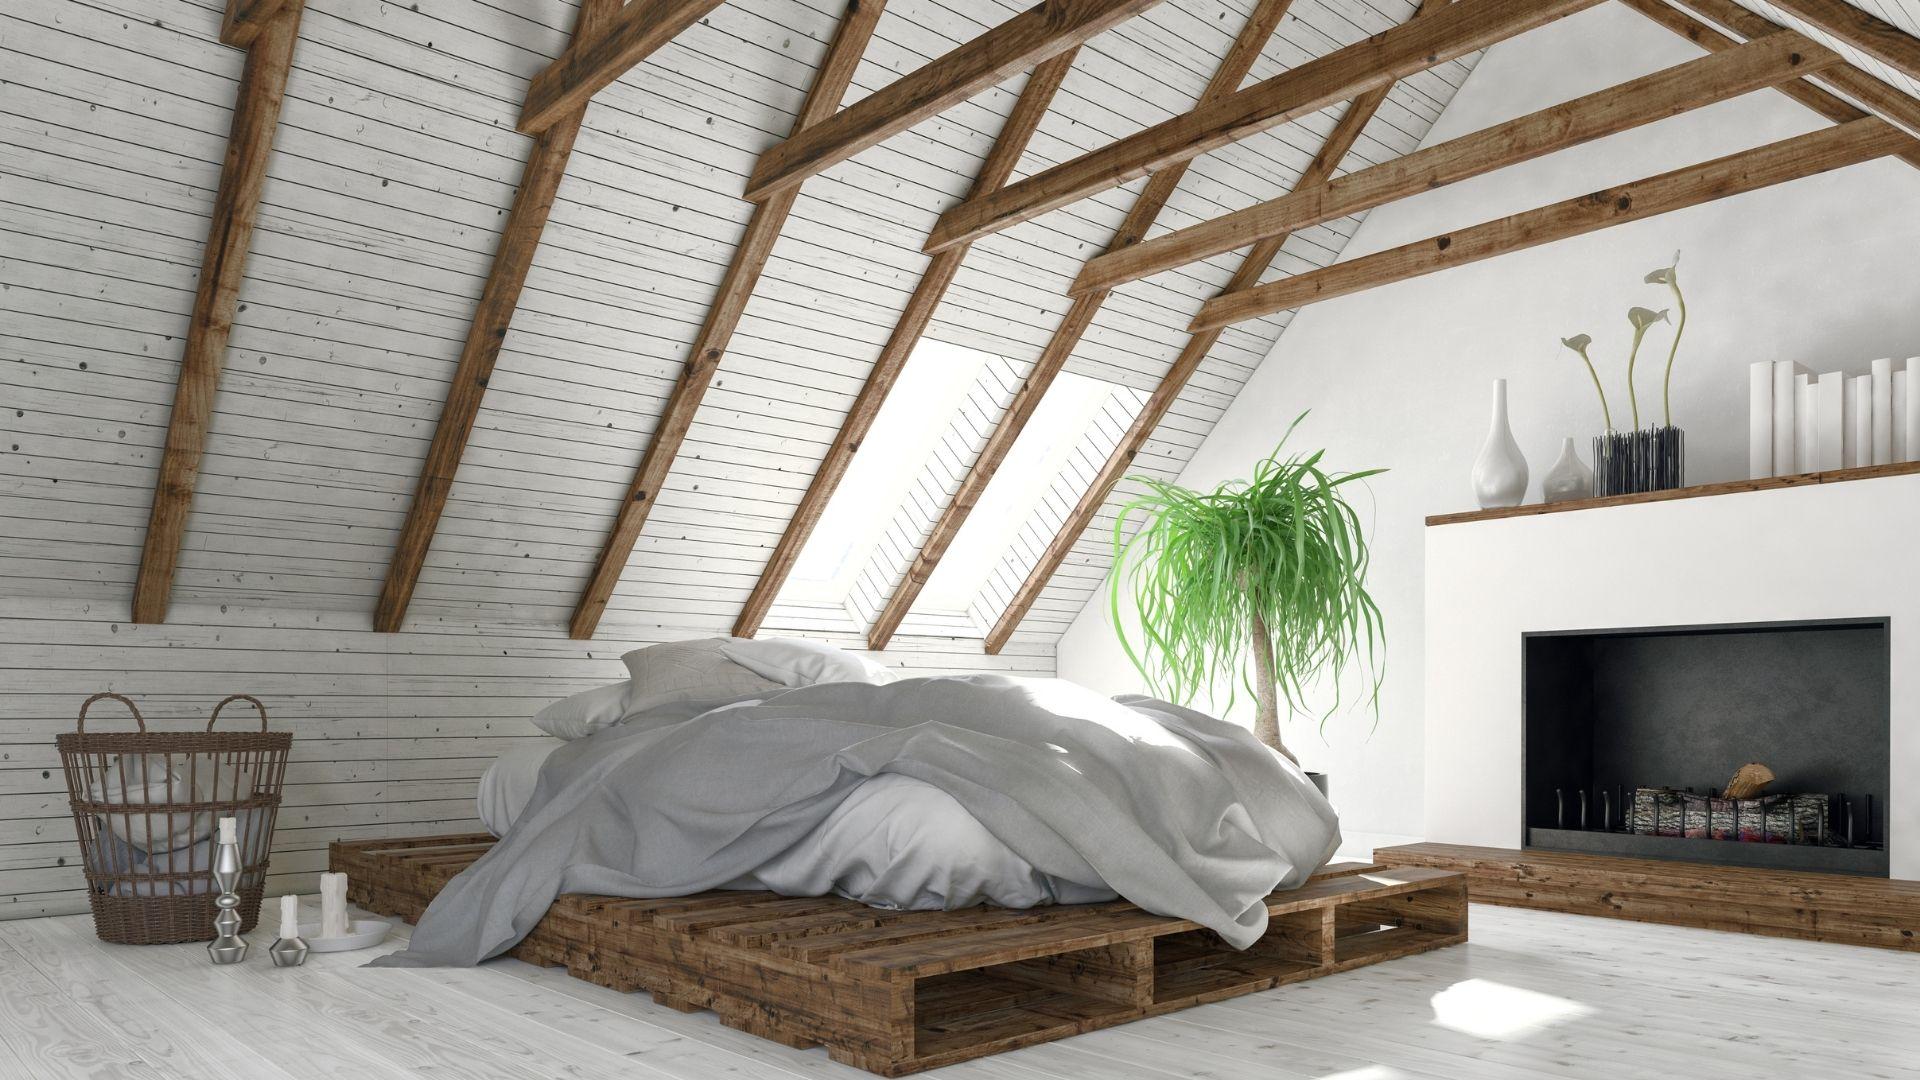 jak zrobić pokój na strychu